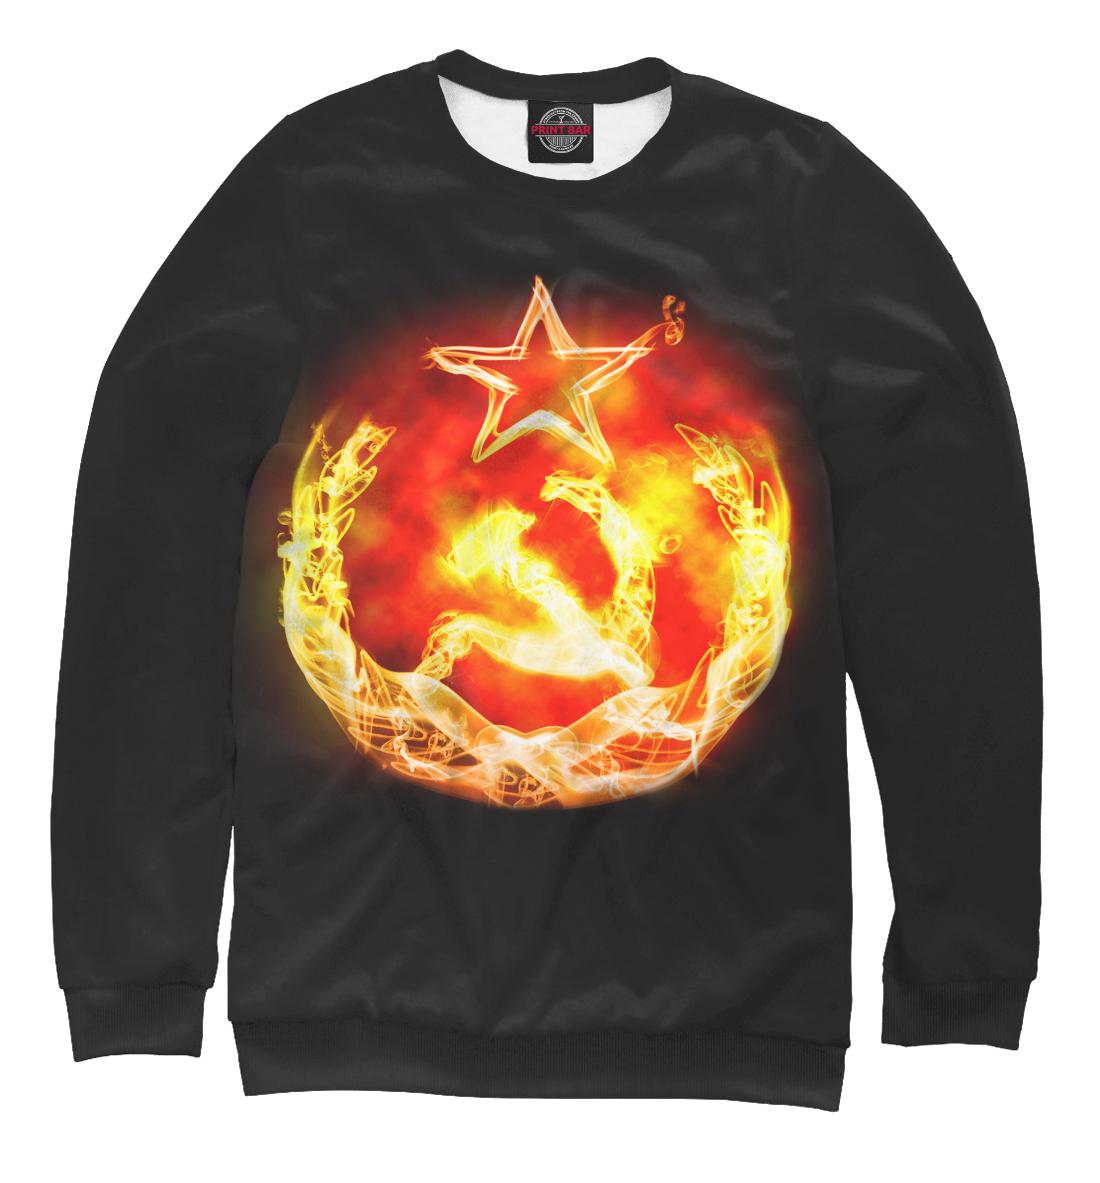 Купить Огненный СССР, Printbar, Свитшоты, SSS-157193-swi-1